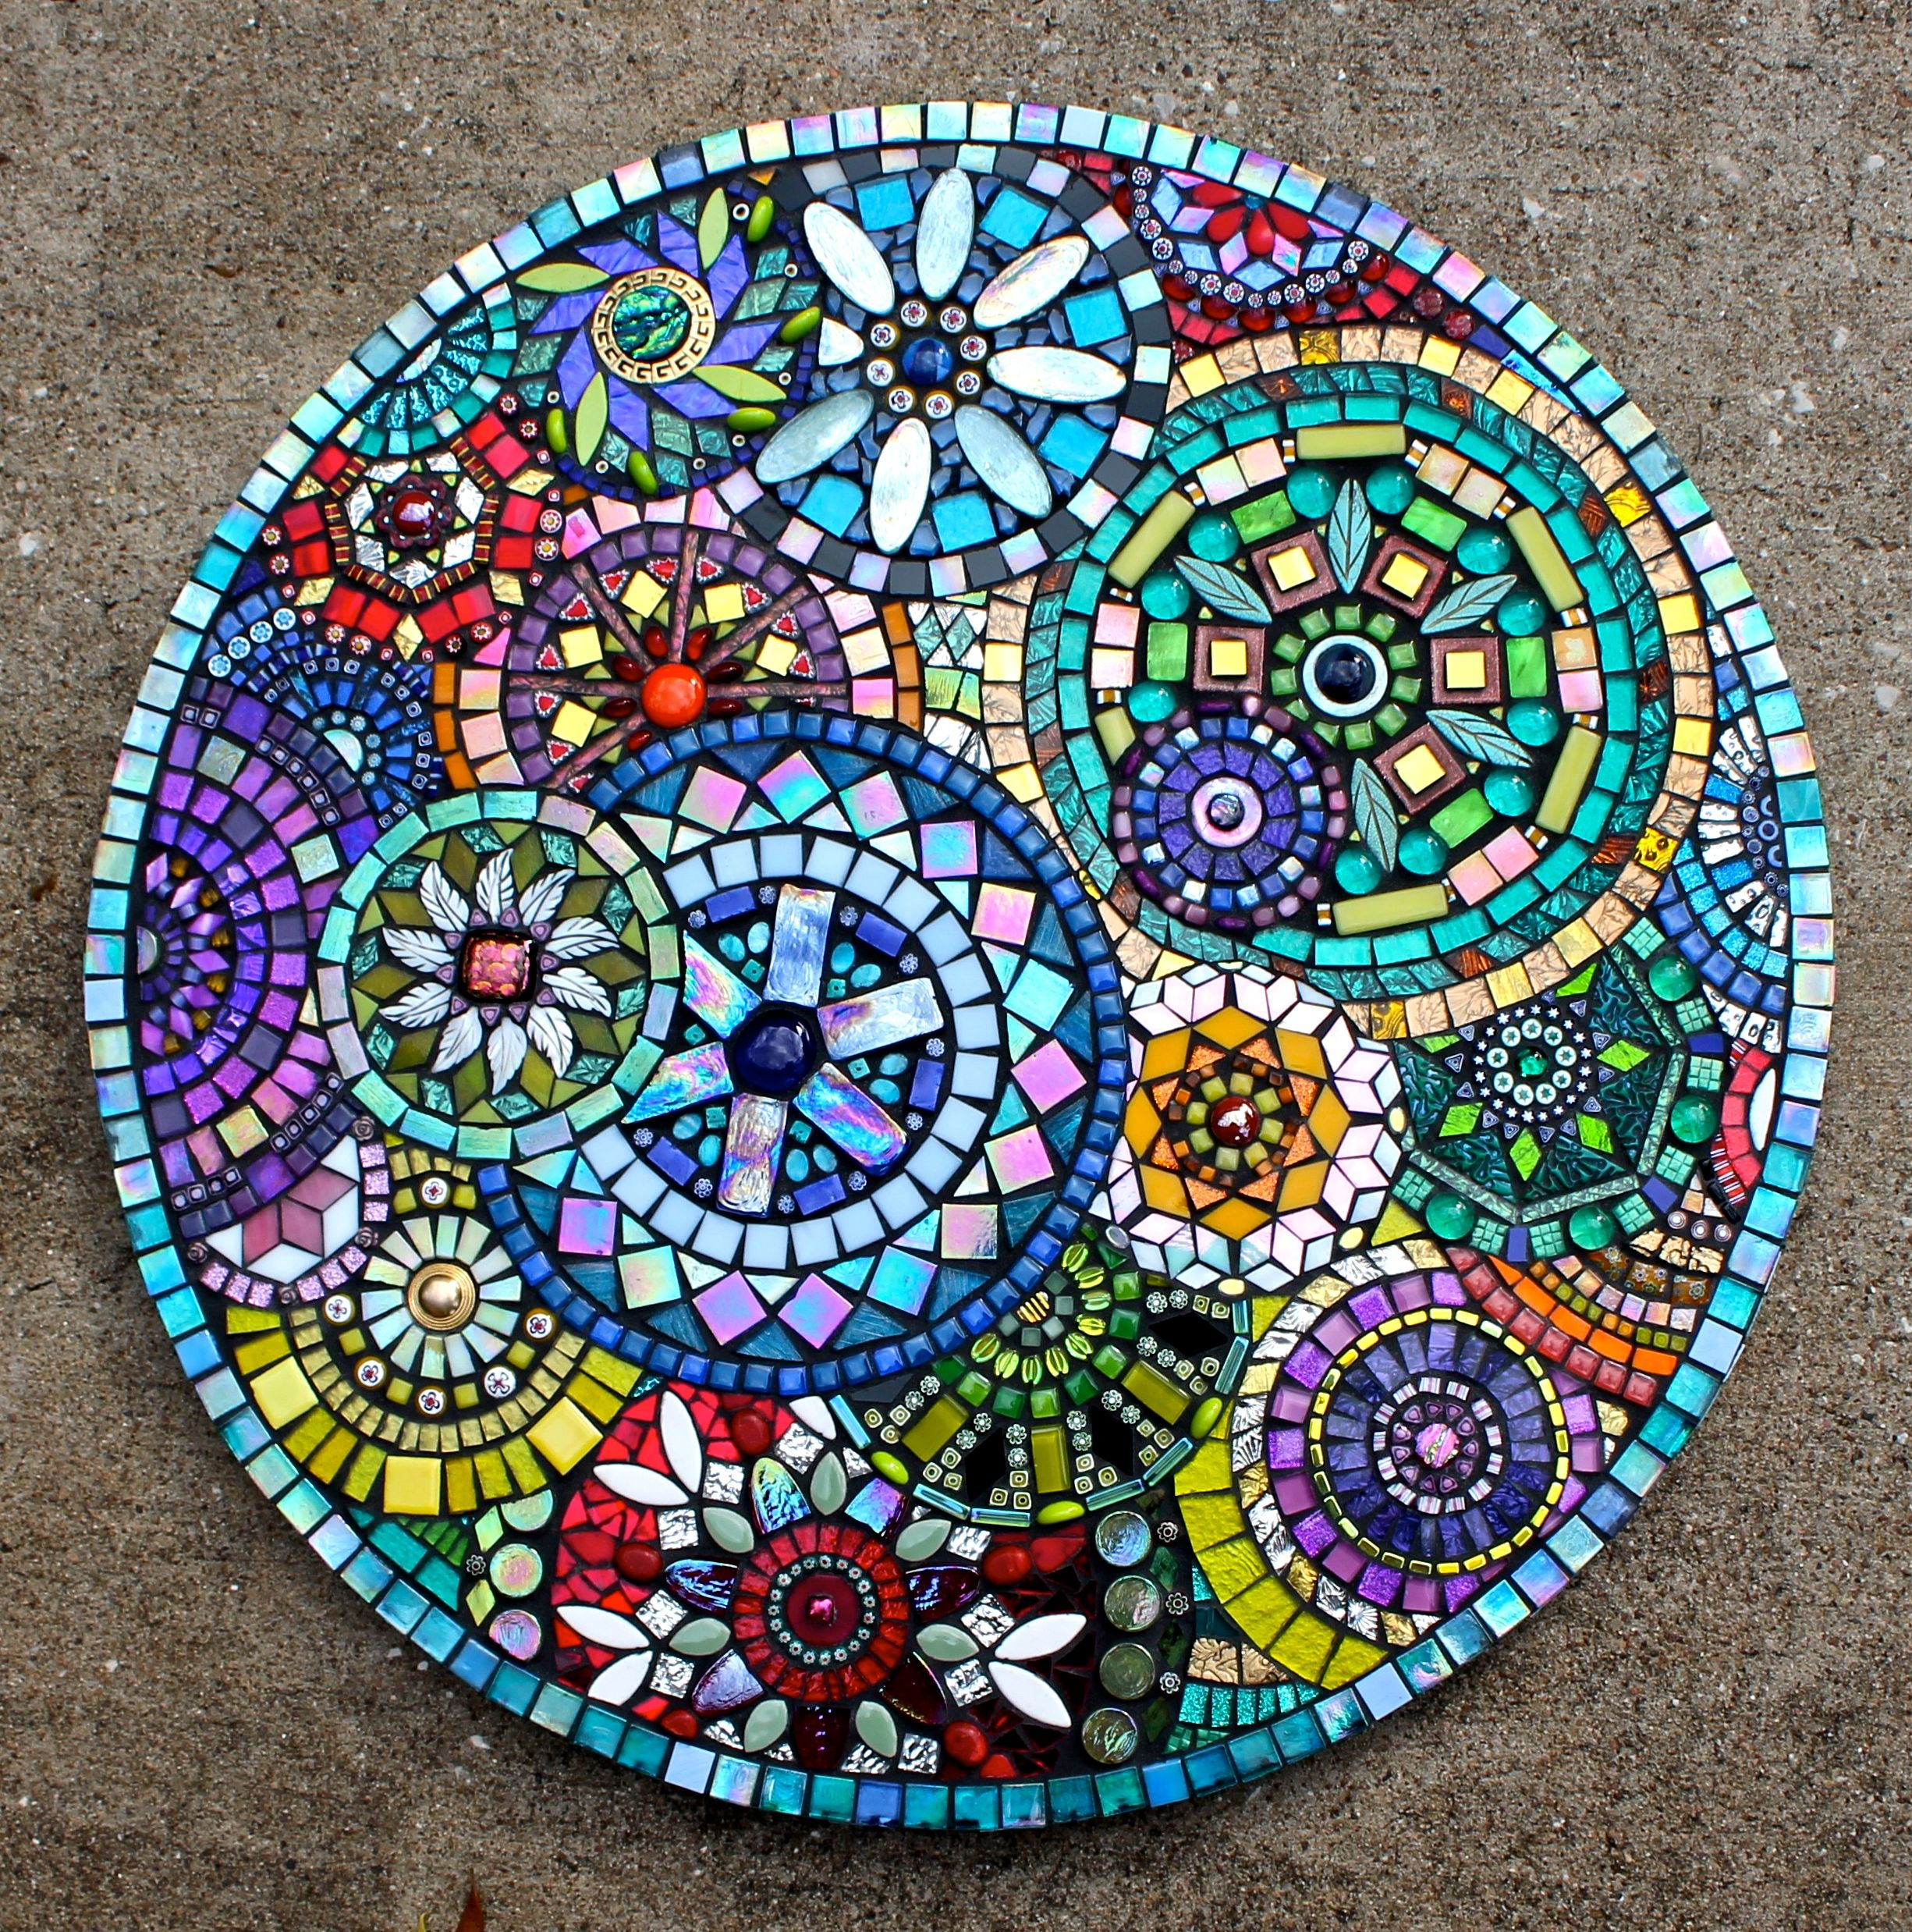 Mosaic by plum art mosaics 2014 sharon plummer mosaics for Mosaic tiles for craft